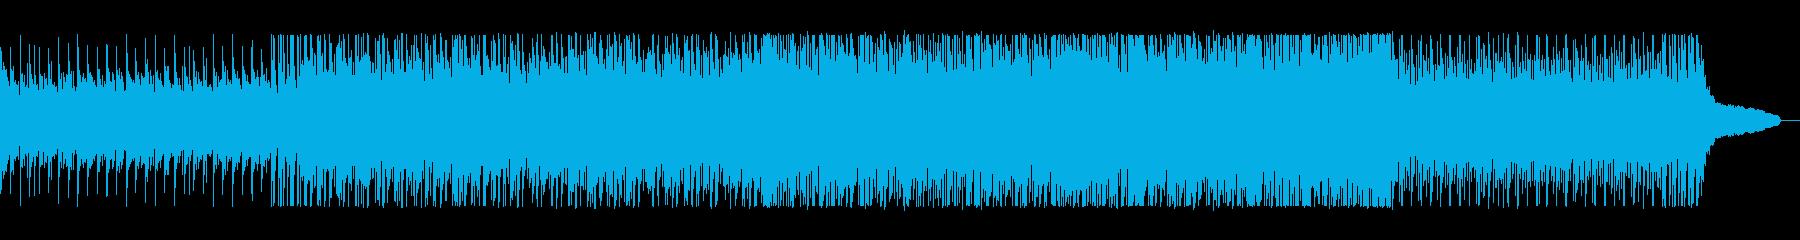 爽やかなブラジル系サンバミュージック。の再生済みの波形